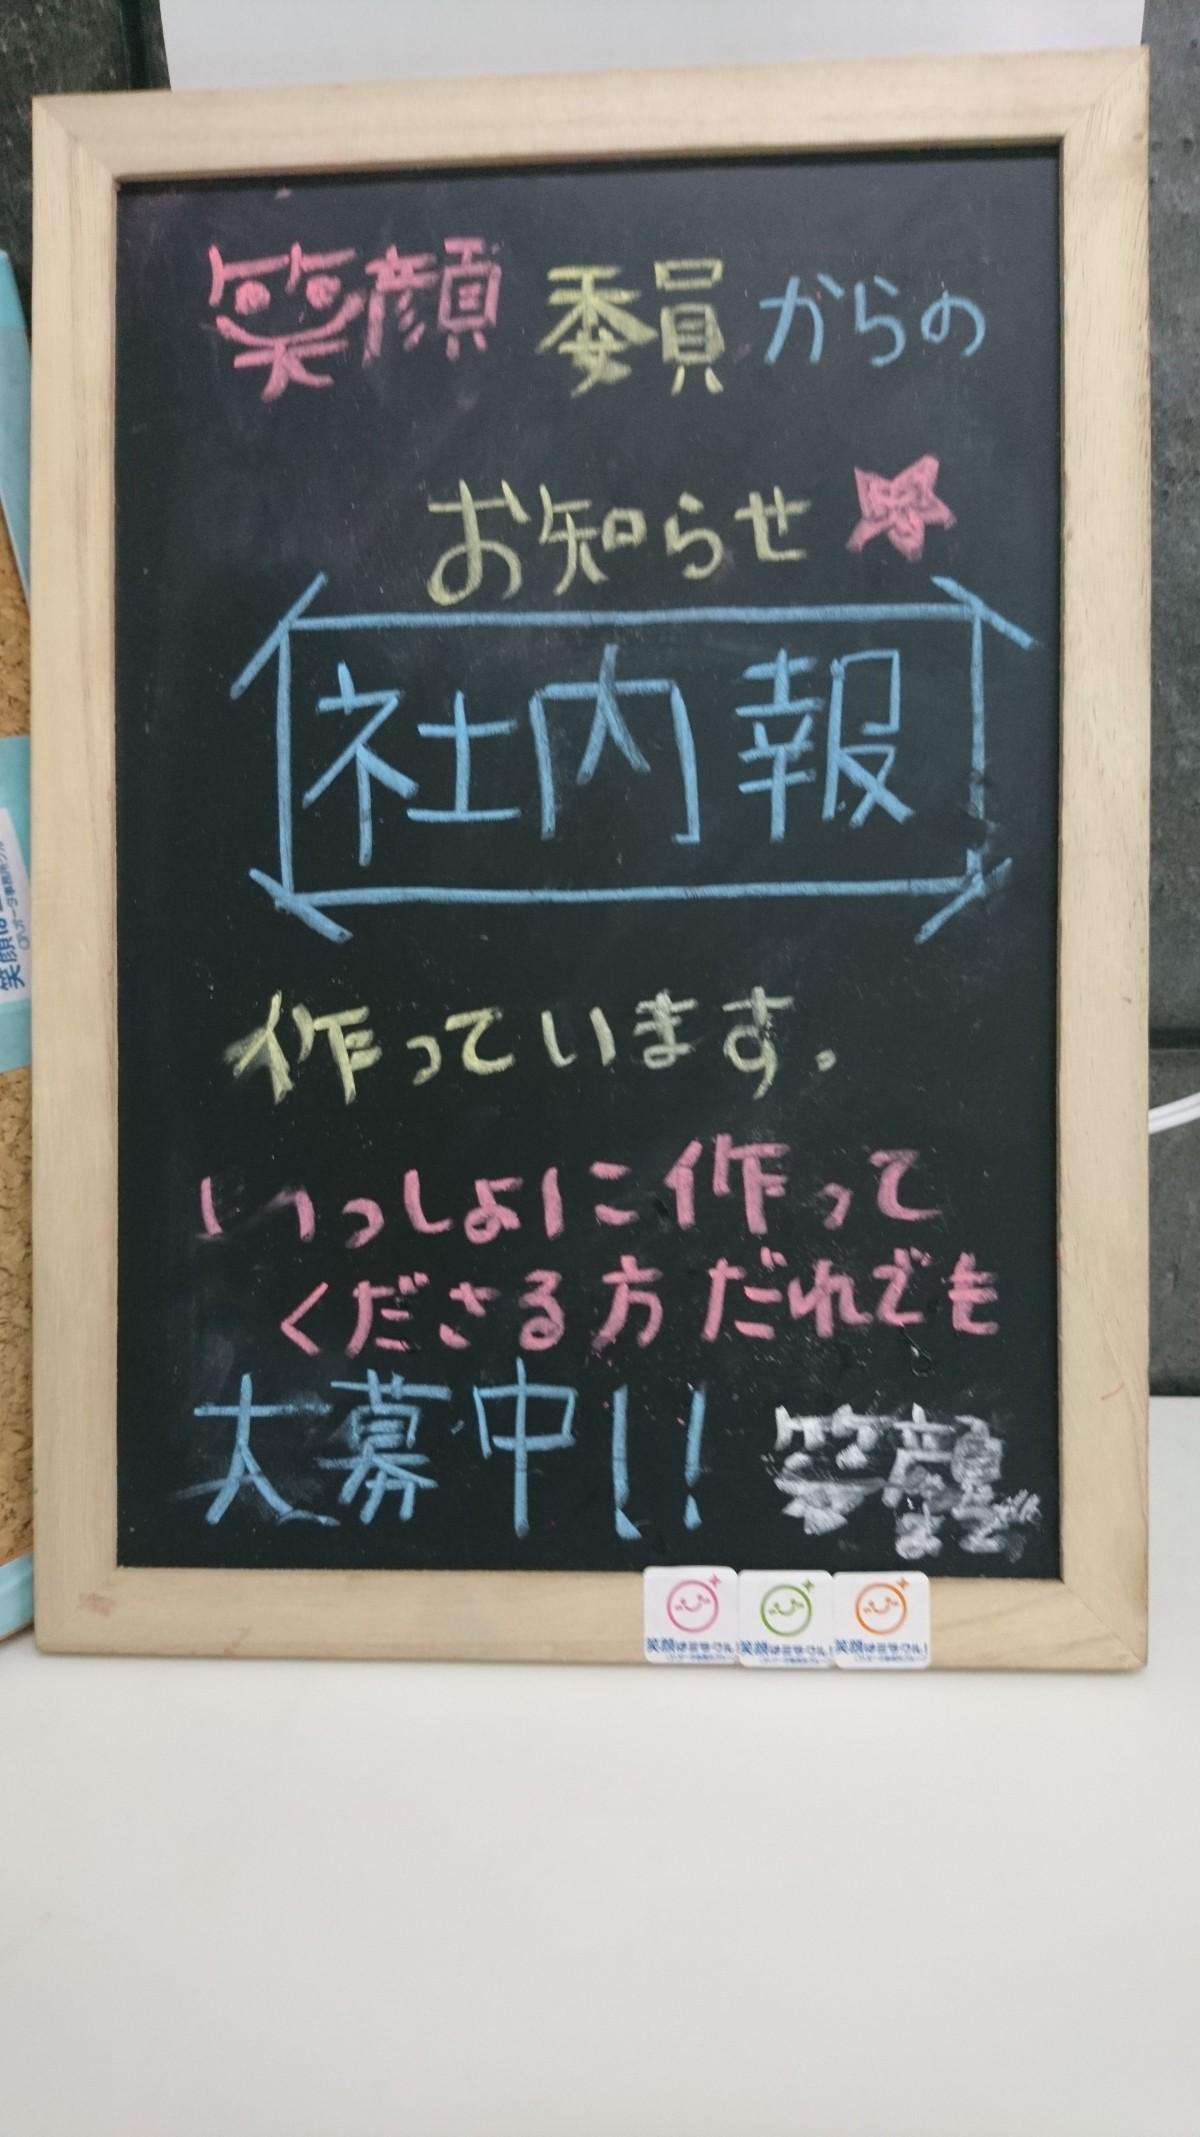 大募集★笑顔委員からお知らせ★